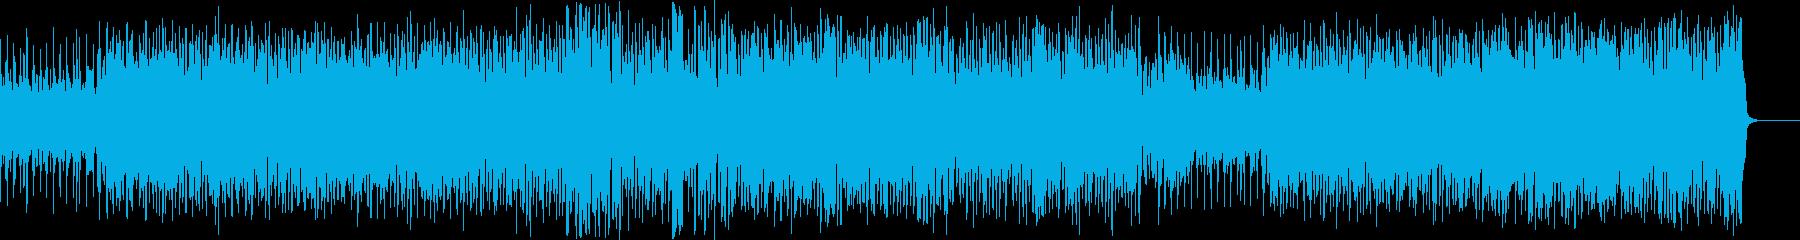 【フル尺】カントリー&ウェスタンの楽曲の再生済みの波形